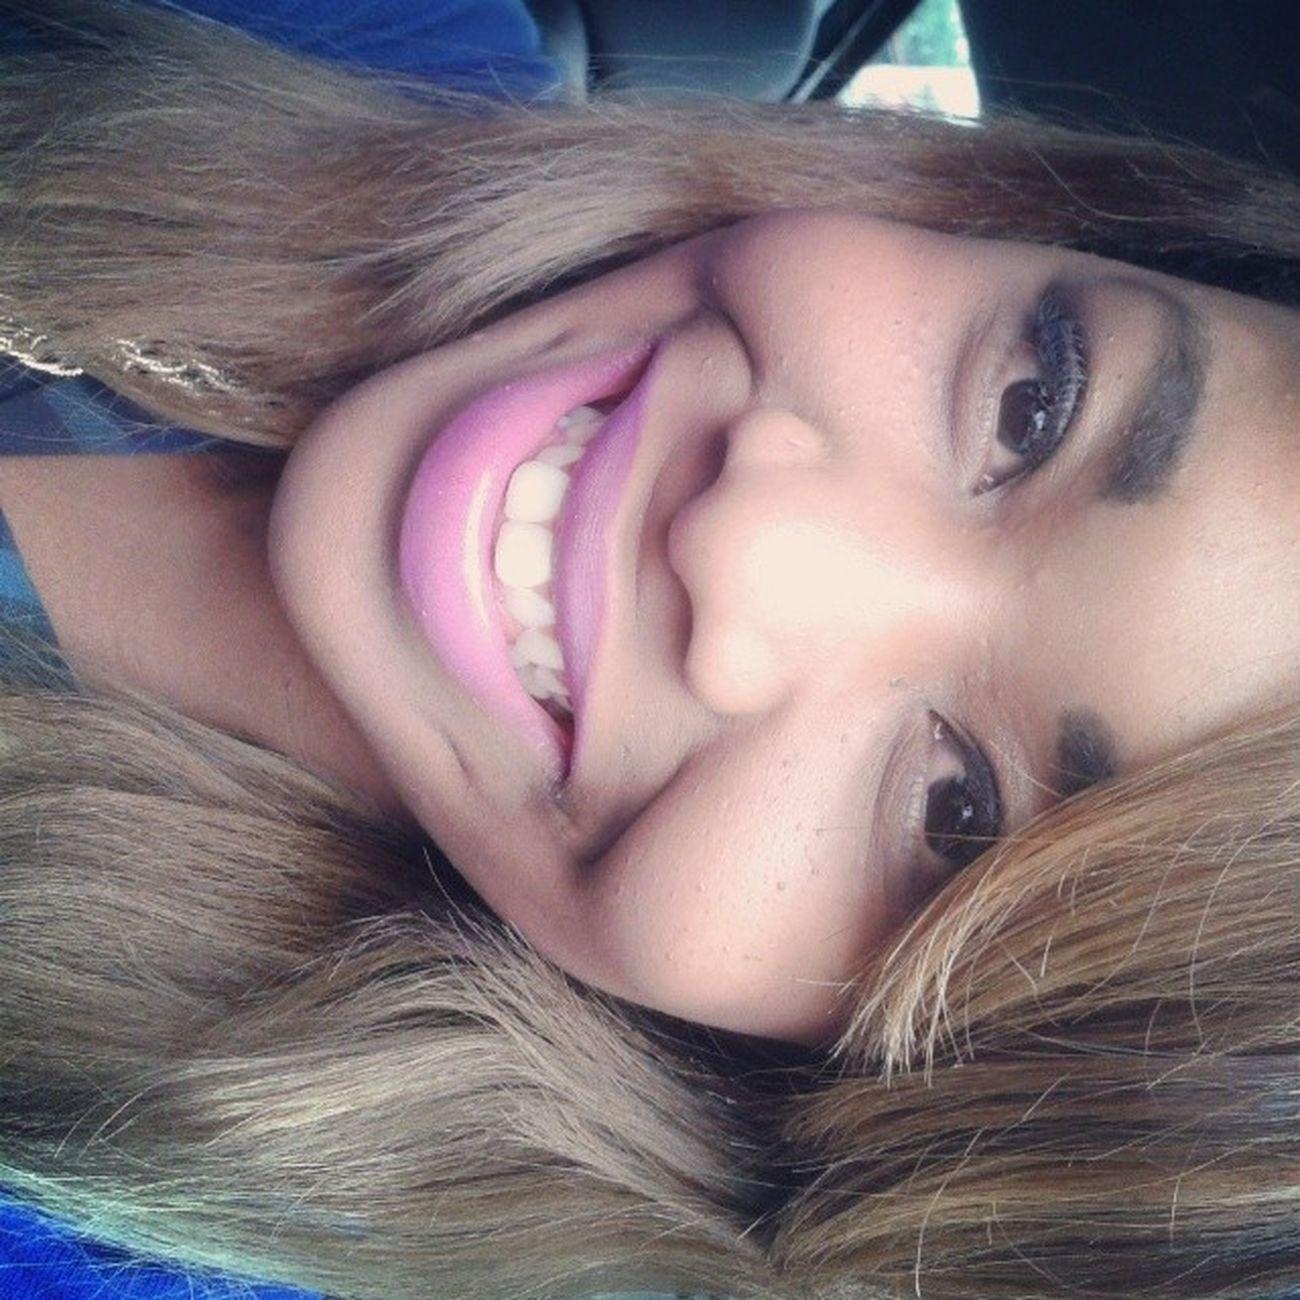 Voltandodacasadopai Igreja Hair Loiro batom rosa negra xadres smile sorriso debemcomavida - pretinha desse jeito cê me deixa sem chão...